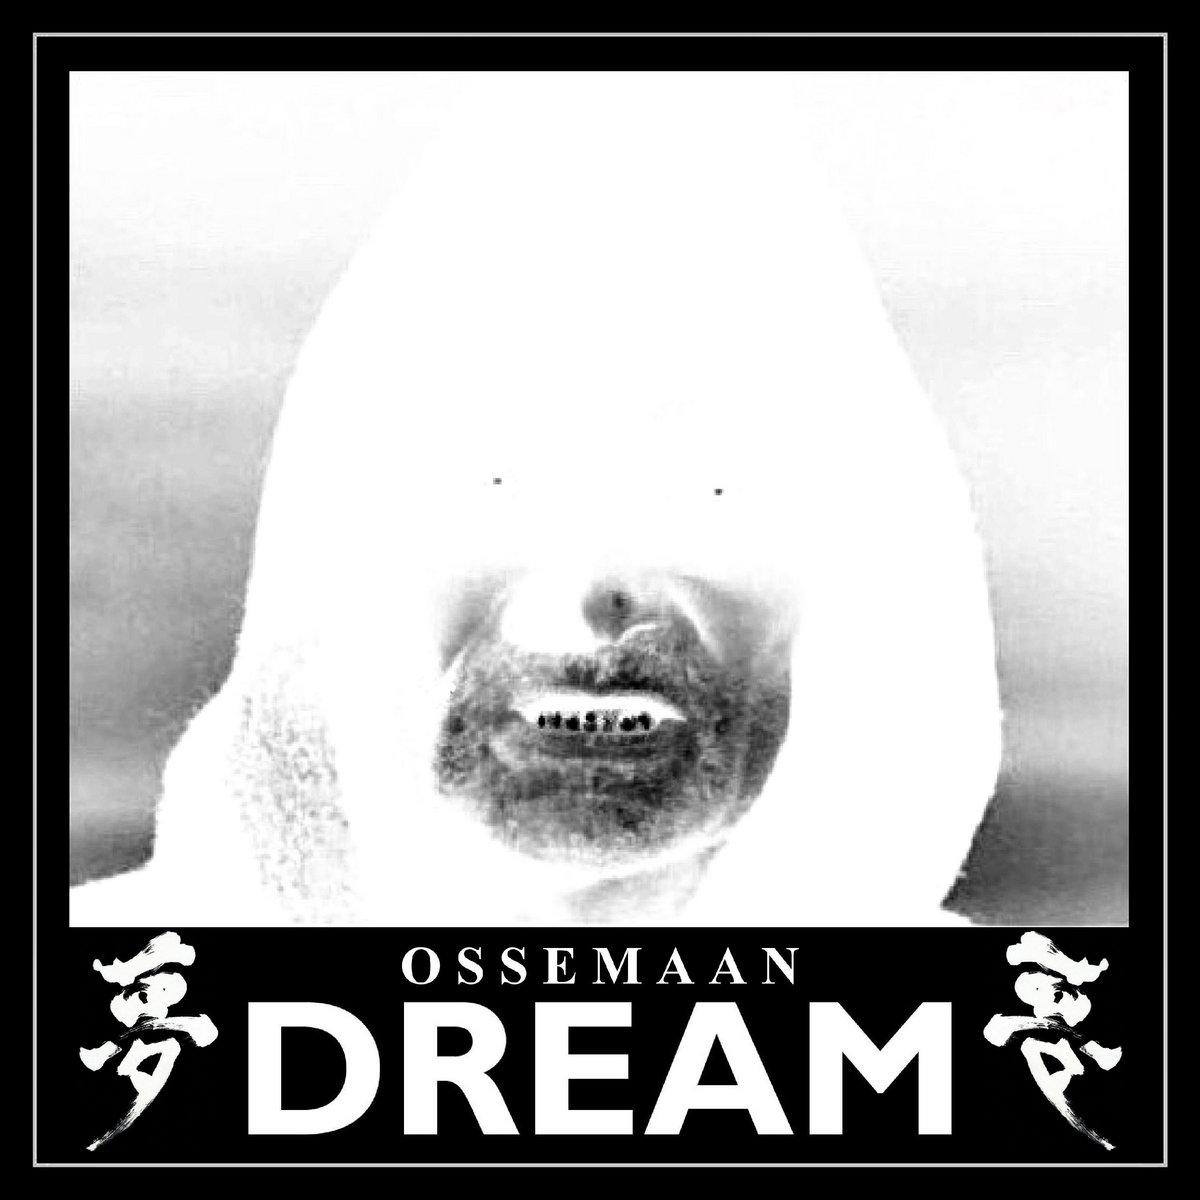 Ossemaan | Dream | American Dreams